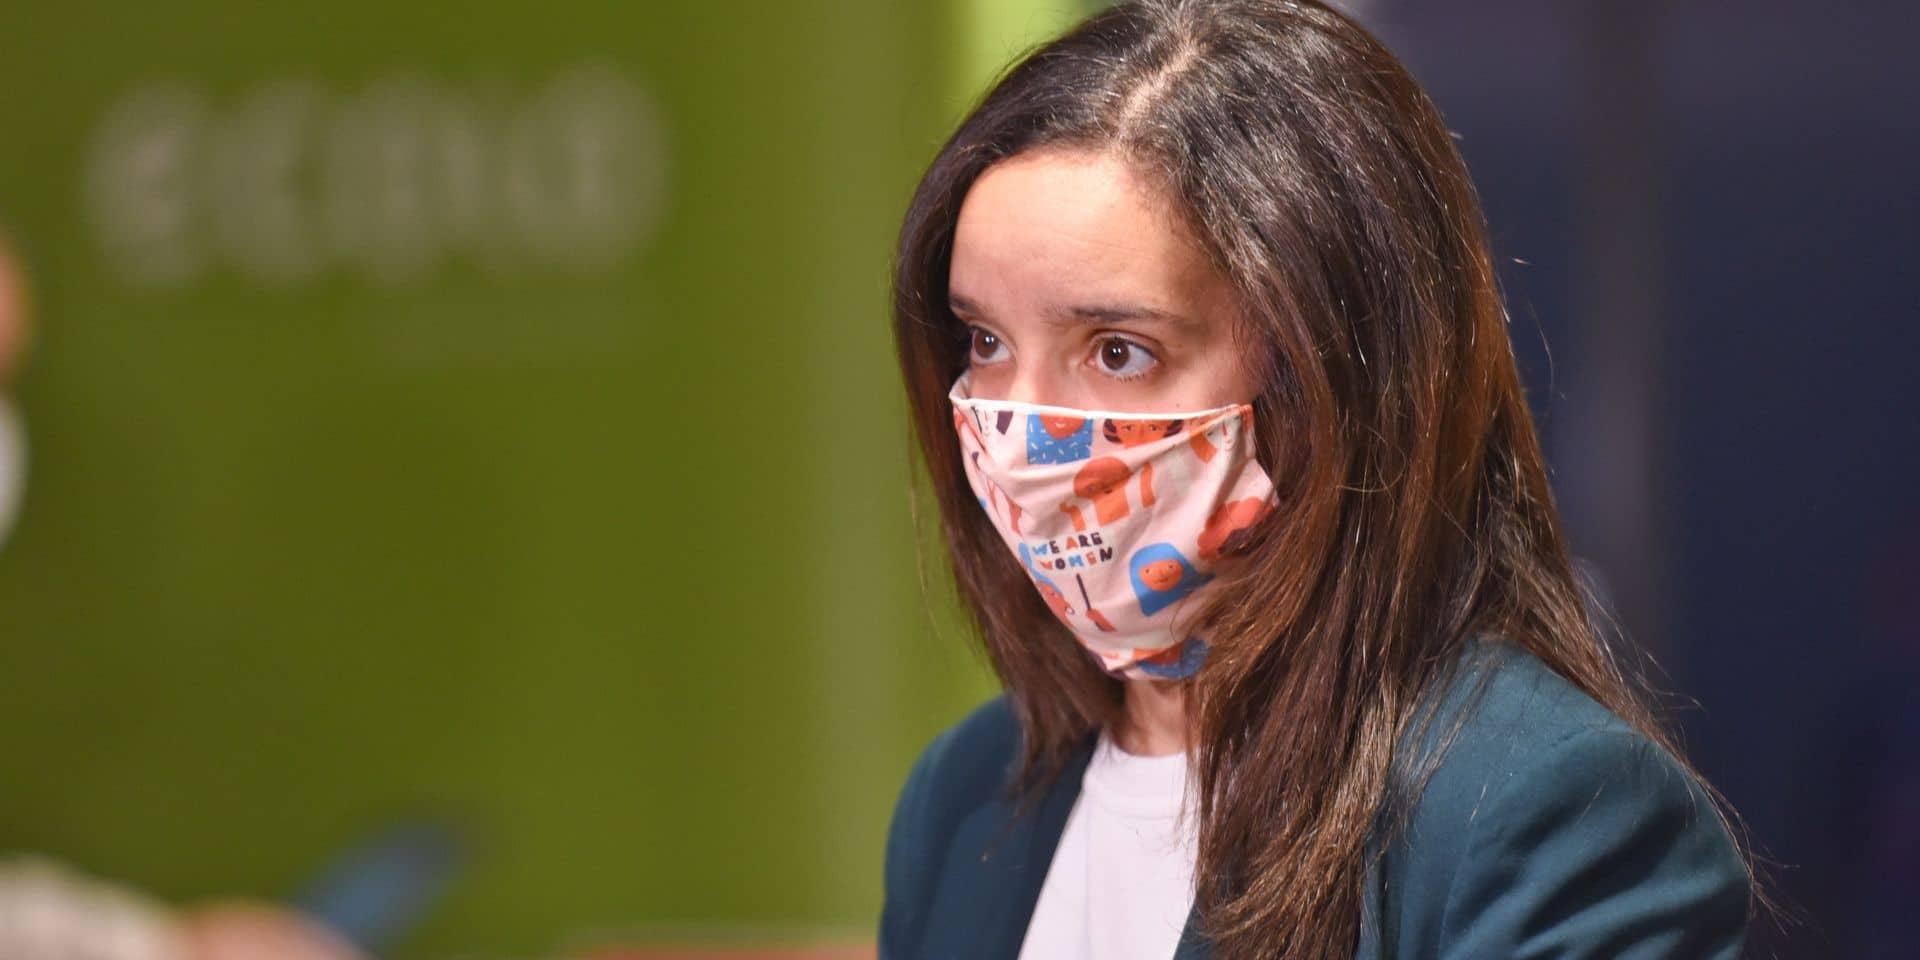 La Ligue Belge contre l'Antisémitisme demande la démission de Rajae Maouane et accuse Ecolo de promouvoir l'antisémitisme